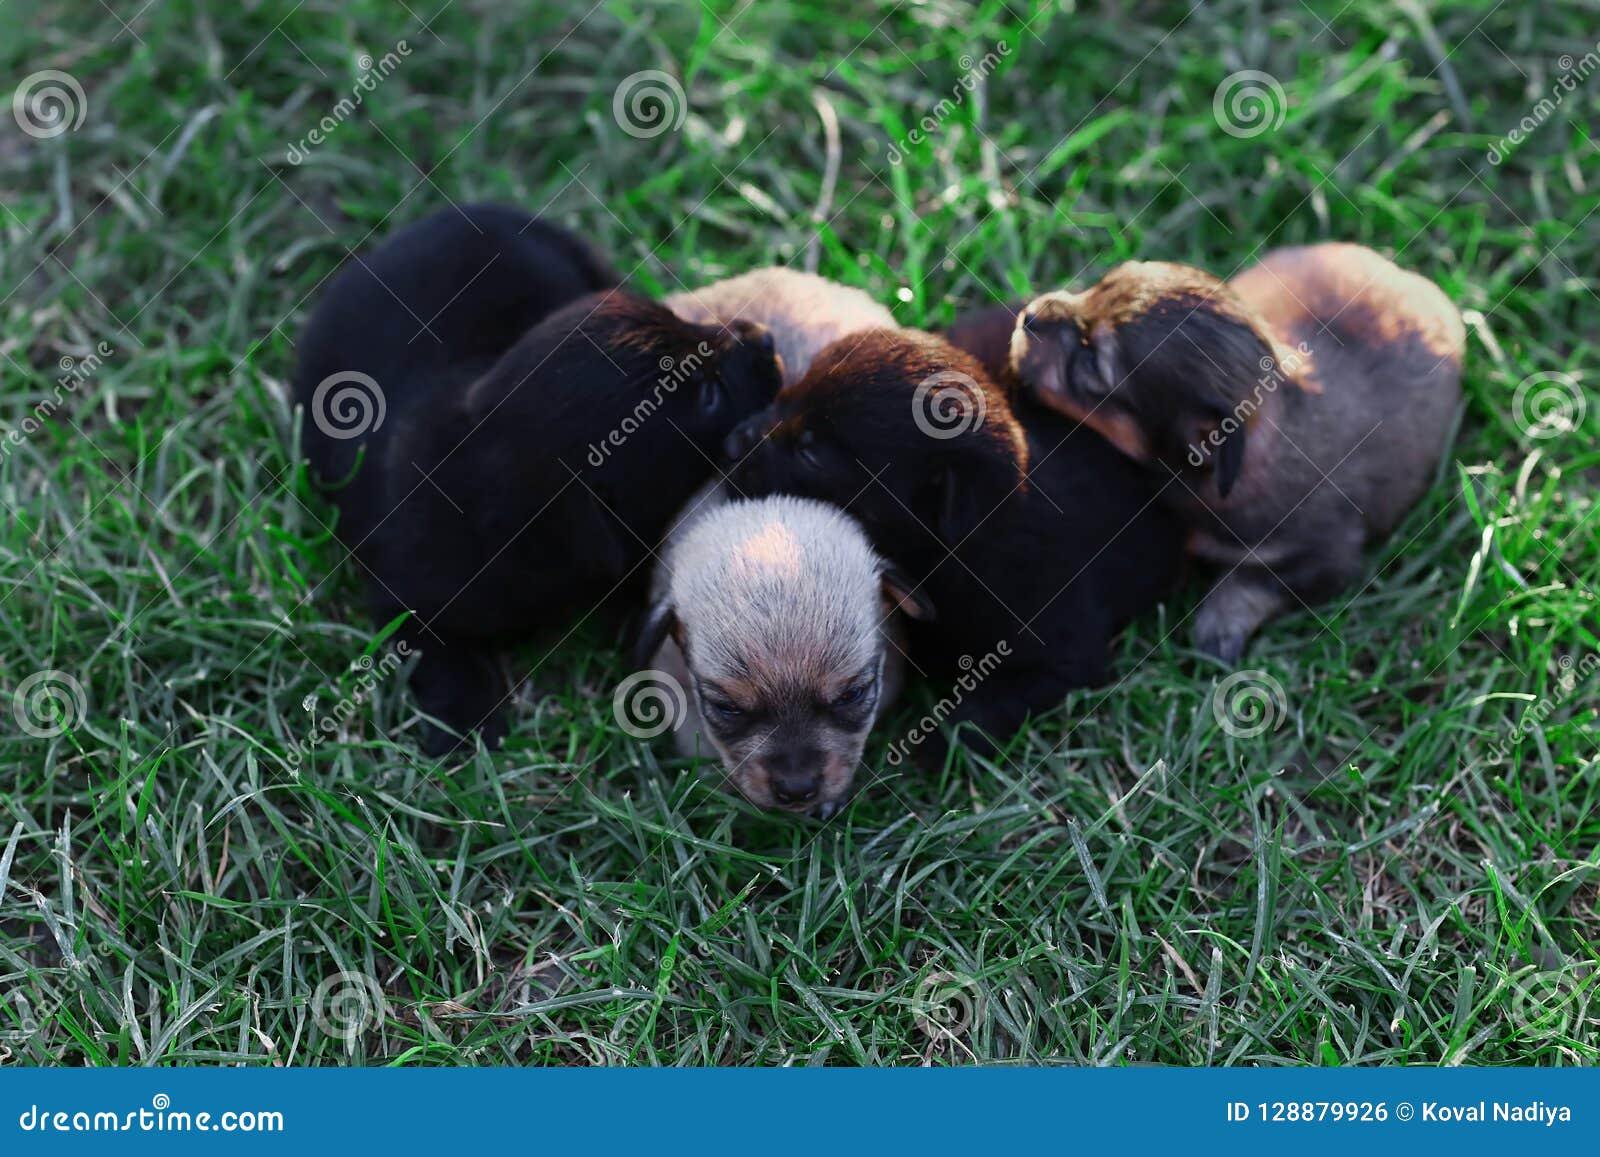 Cut sleeping four newborns puppies on green grass